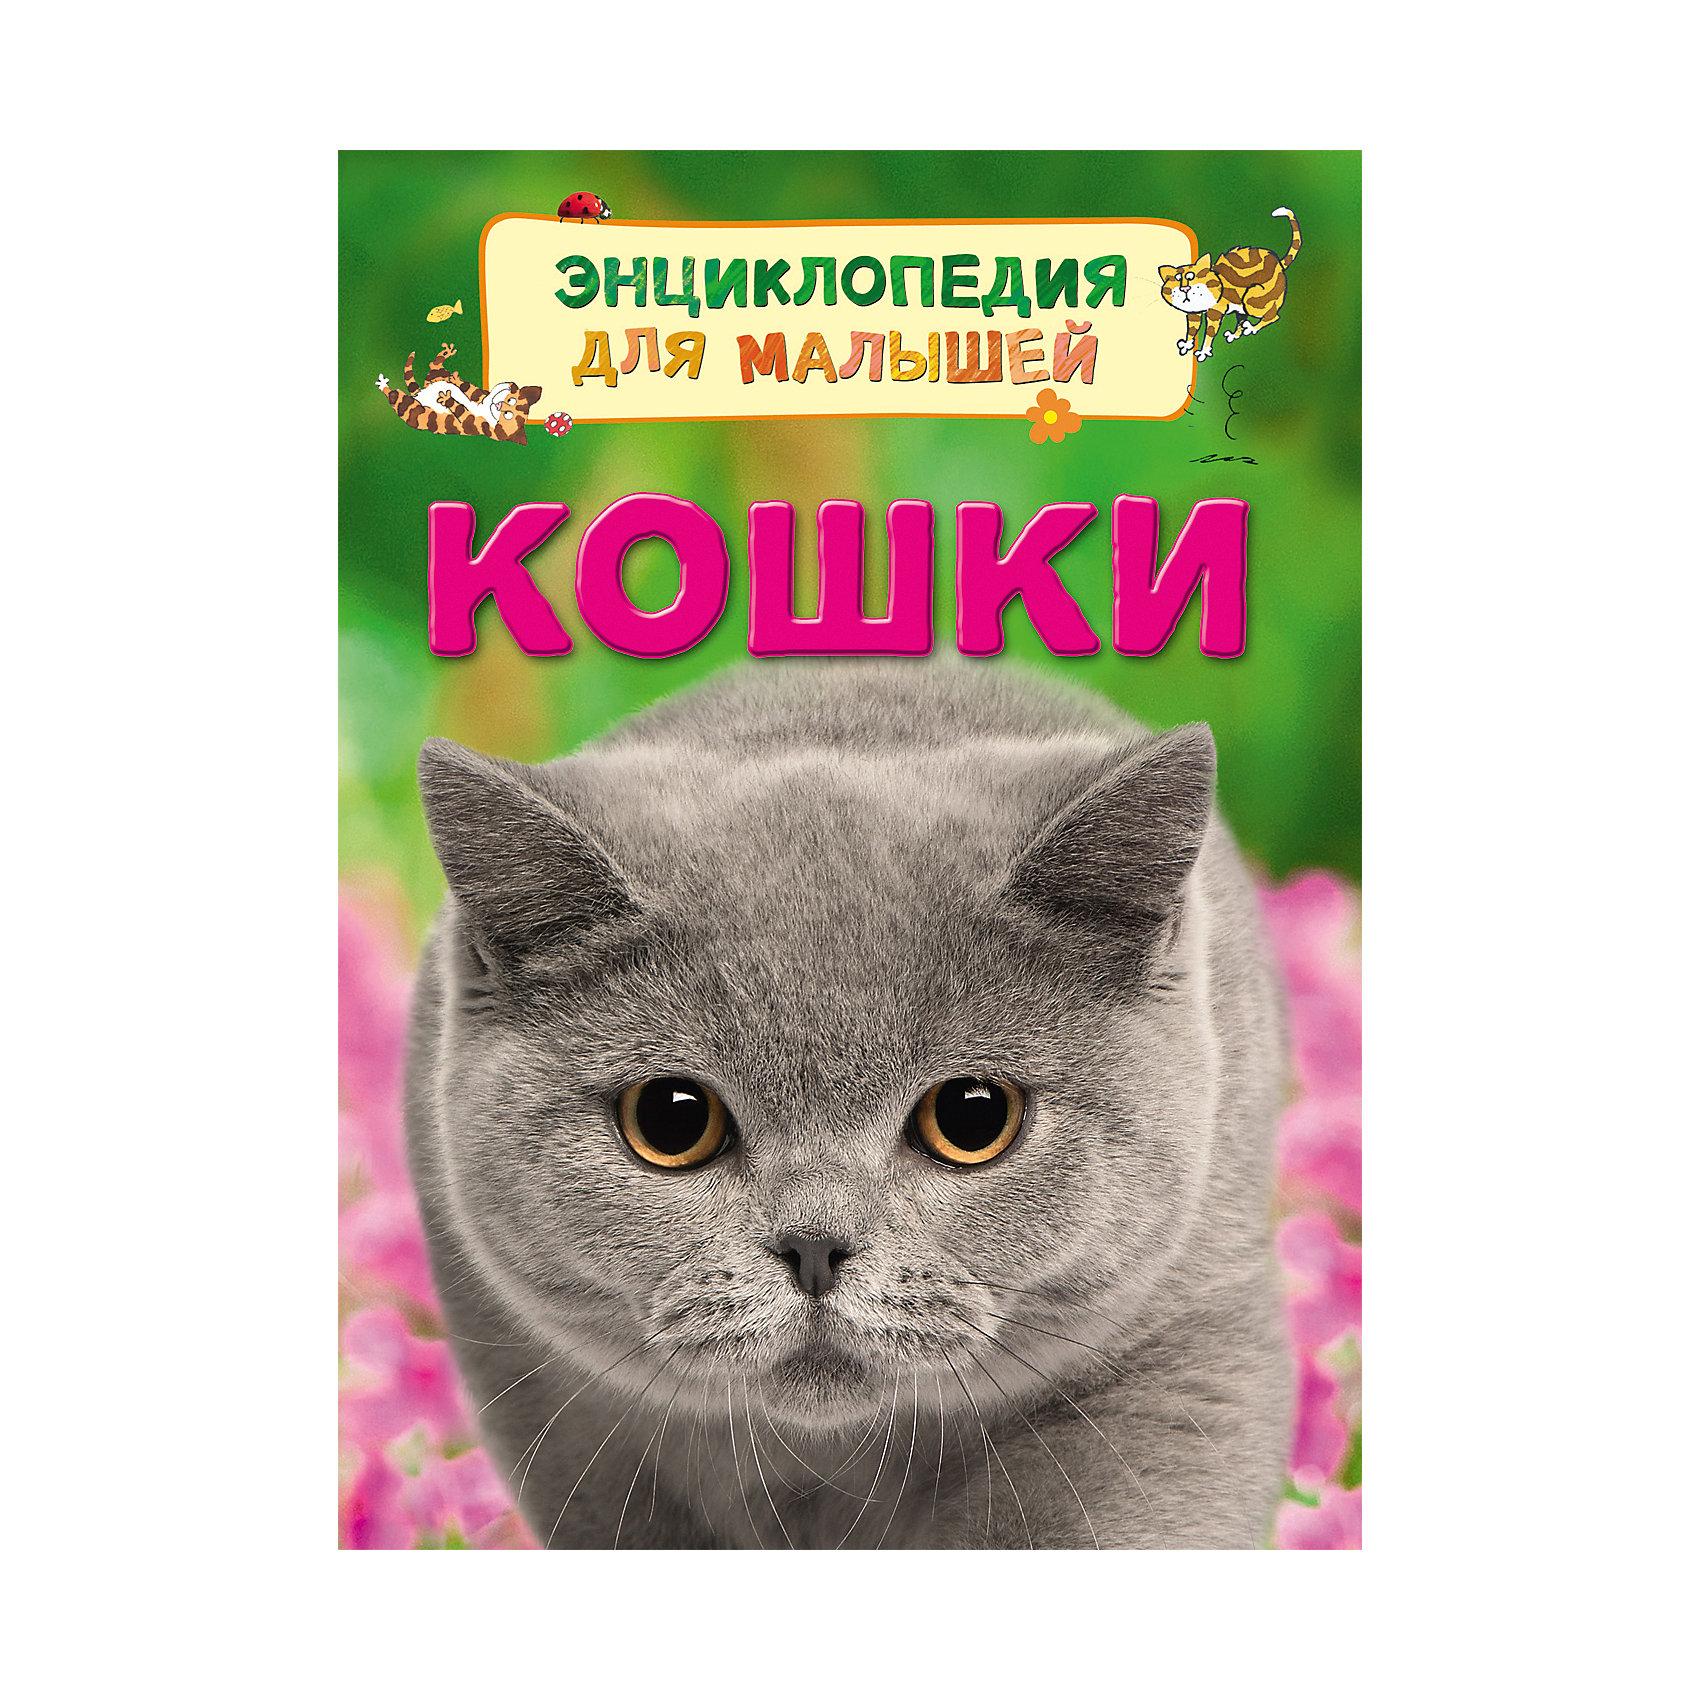 Кошки (Энциклопедия для малышей)Обучающие книги<br>Характеристики товара:<br><br>- цвет: разноцветный;<br>- материал: бумага;<br>- страниц: 32;<br>- формат: 22 х 17 см;<br>- обложка: твердая;<br>- цветные иллюстрации.<br><br>Эта интересная книга с иллюстрациями станет отличным подарком для ребенка. Она содержит в себе ответы на вопросы, которые интересуют малышей. Всё представлено в очень простой форме! Талантливый иллюстратор дополнил книгу качественными рисунками, которые помогают ребенку понять суть многих вещей в нашем мире. Удивительные и интересные факты помогут привить любовь к учебе!<br>Чтение - отличный способ активизации мышления, оно помогает ребенку развивать зрительную память, концентрацию внимания и воображение. Издание произведено из качественных материалов, которые безопасны даже для самых маленьких.<br><br>Книгу Кошки (Энциклопедия для малышей) от компании Росмэн можно купить в нашем интернет-магазине.<br><br>Ширина мм: 220<br>Глубина мм: 167<br>Высота мм: 7<br>Вес г: 190<br>Возраст от месяцев: 36<br>Возраст до месяцев: 72<br>Пол: Унисекс<br>Возраст: Детский<br>SKU: 5109959